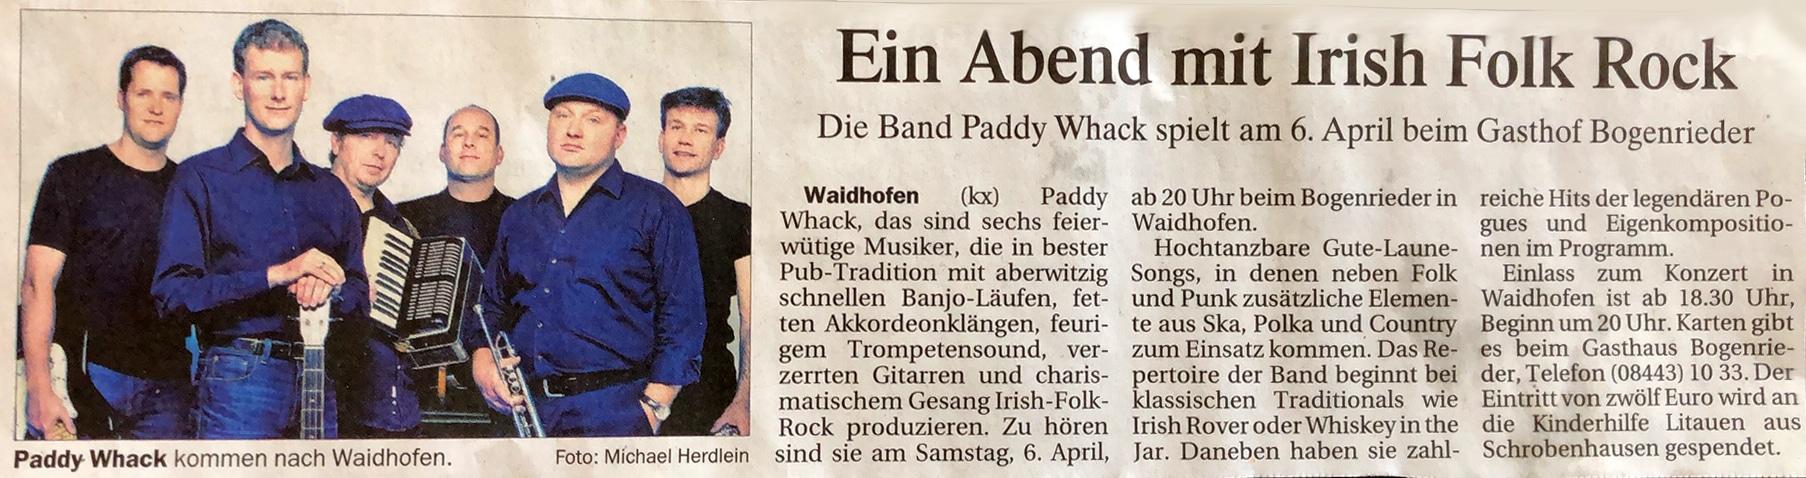 Zeitungsartikel Ankündigung Paddy Whack spielt am 6. April im Gasthaus Bogenrieder Waidhofen